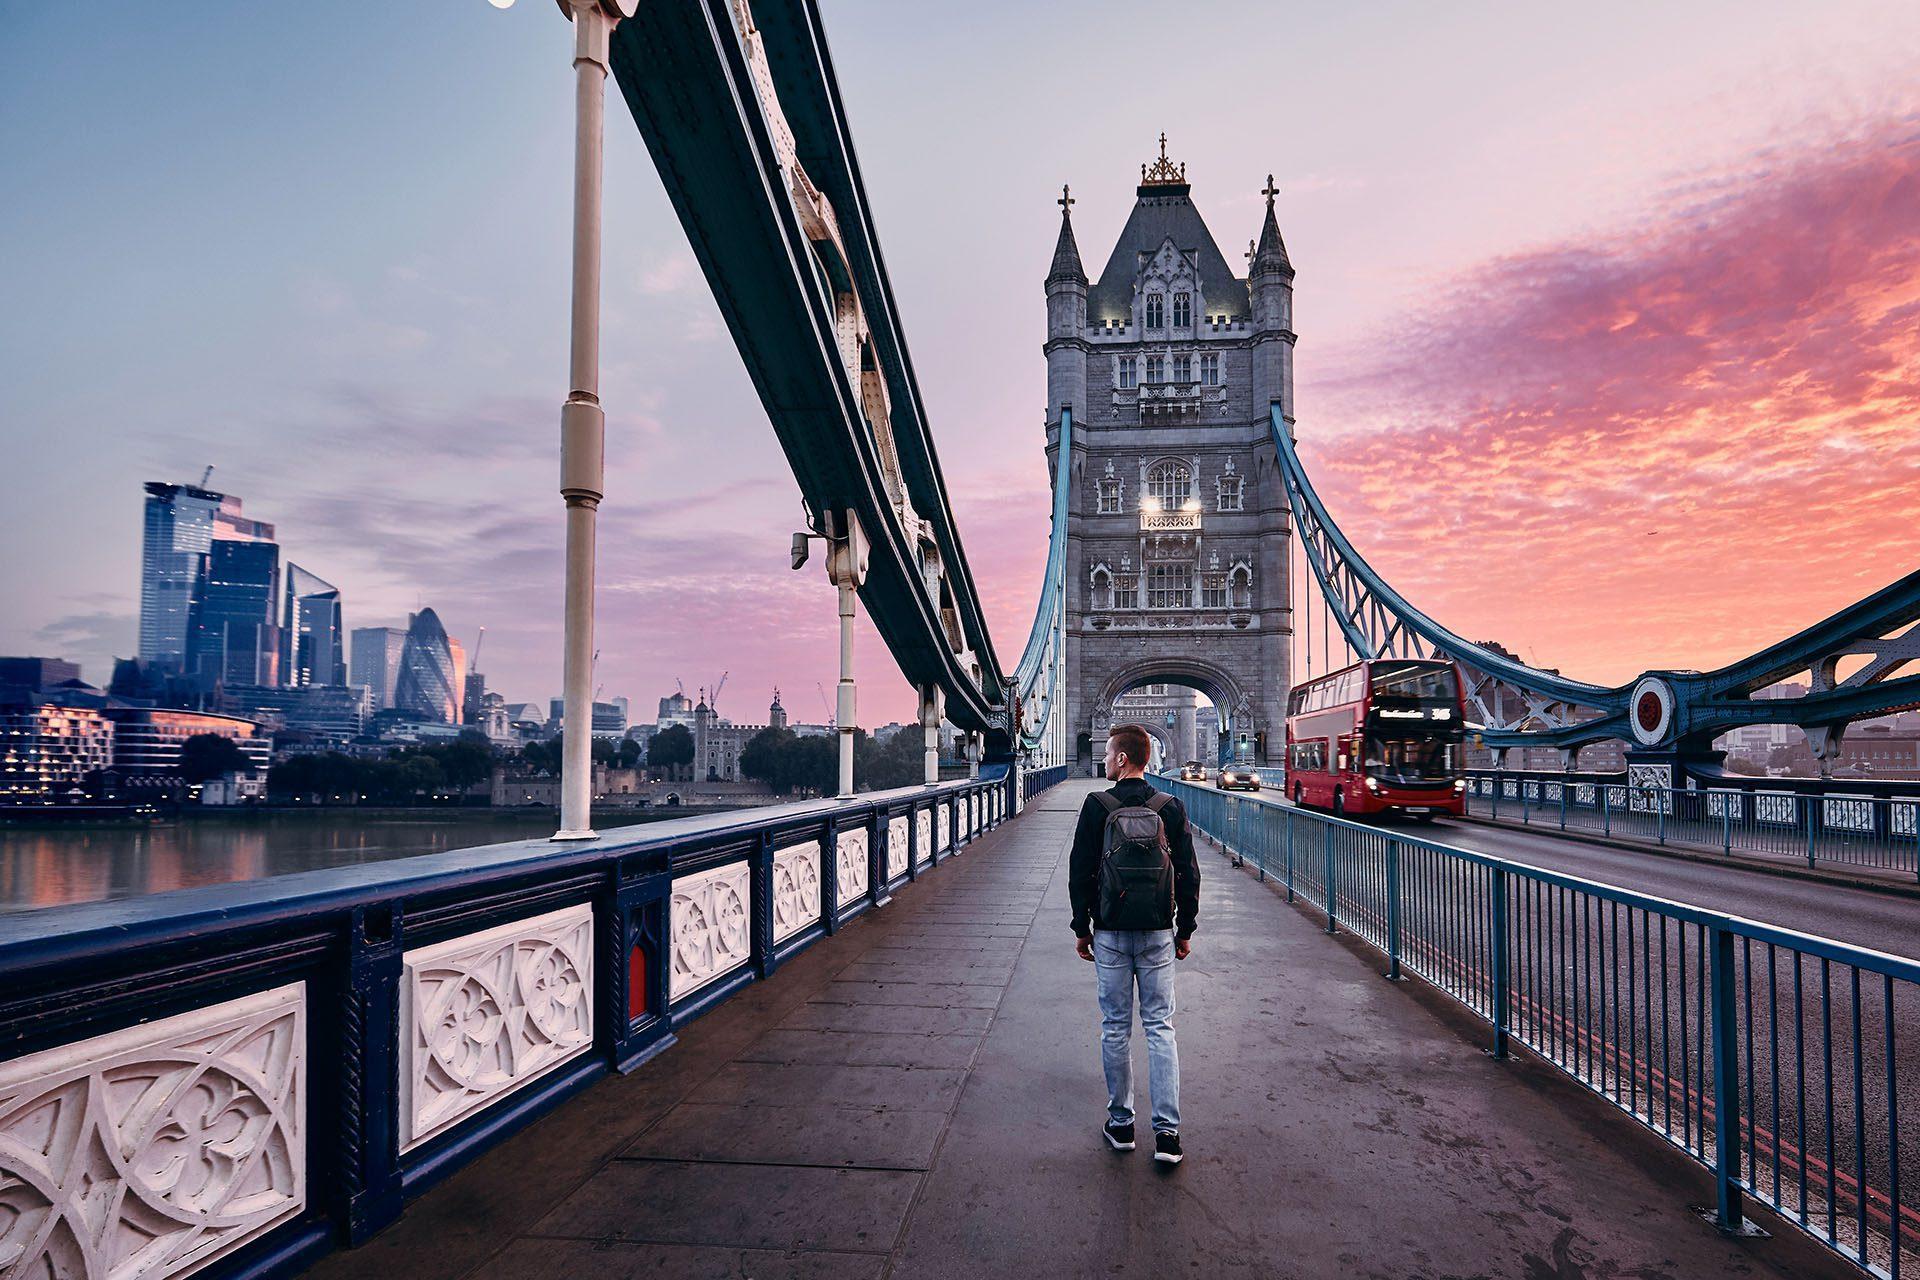 Vacance à Londres